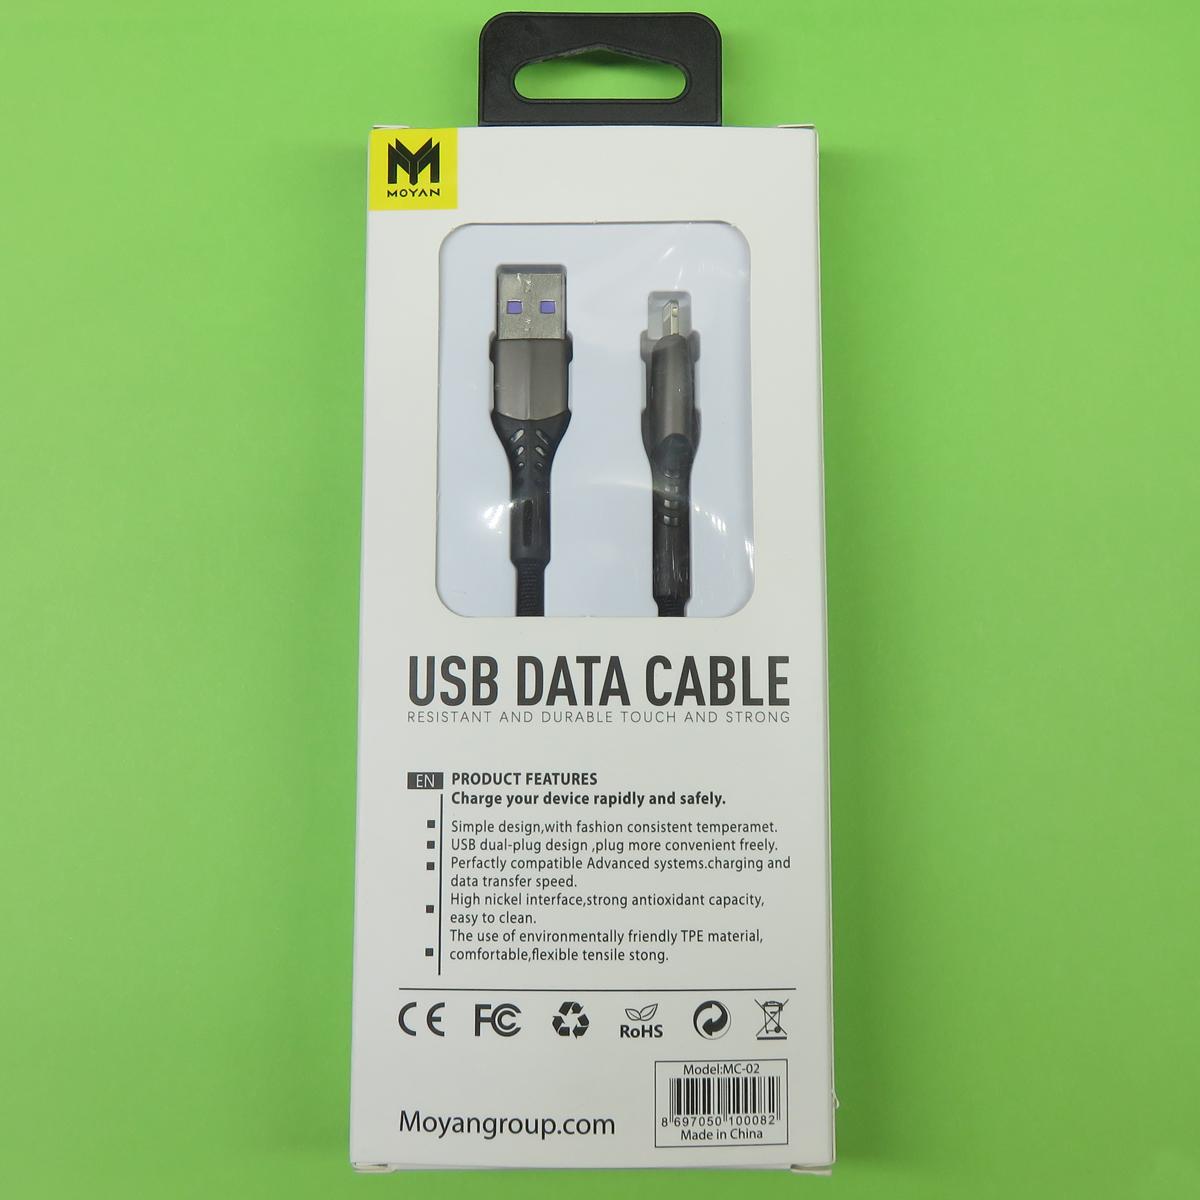 کابل تبدیل USB به لایتنینگ مویان مدل MC-02 طول 1 متر